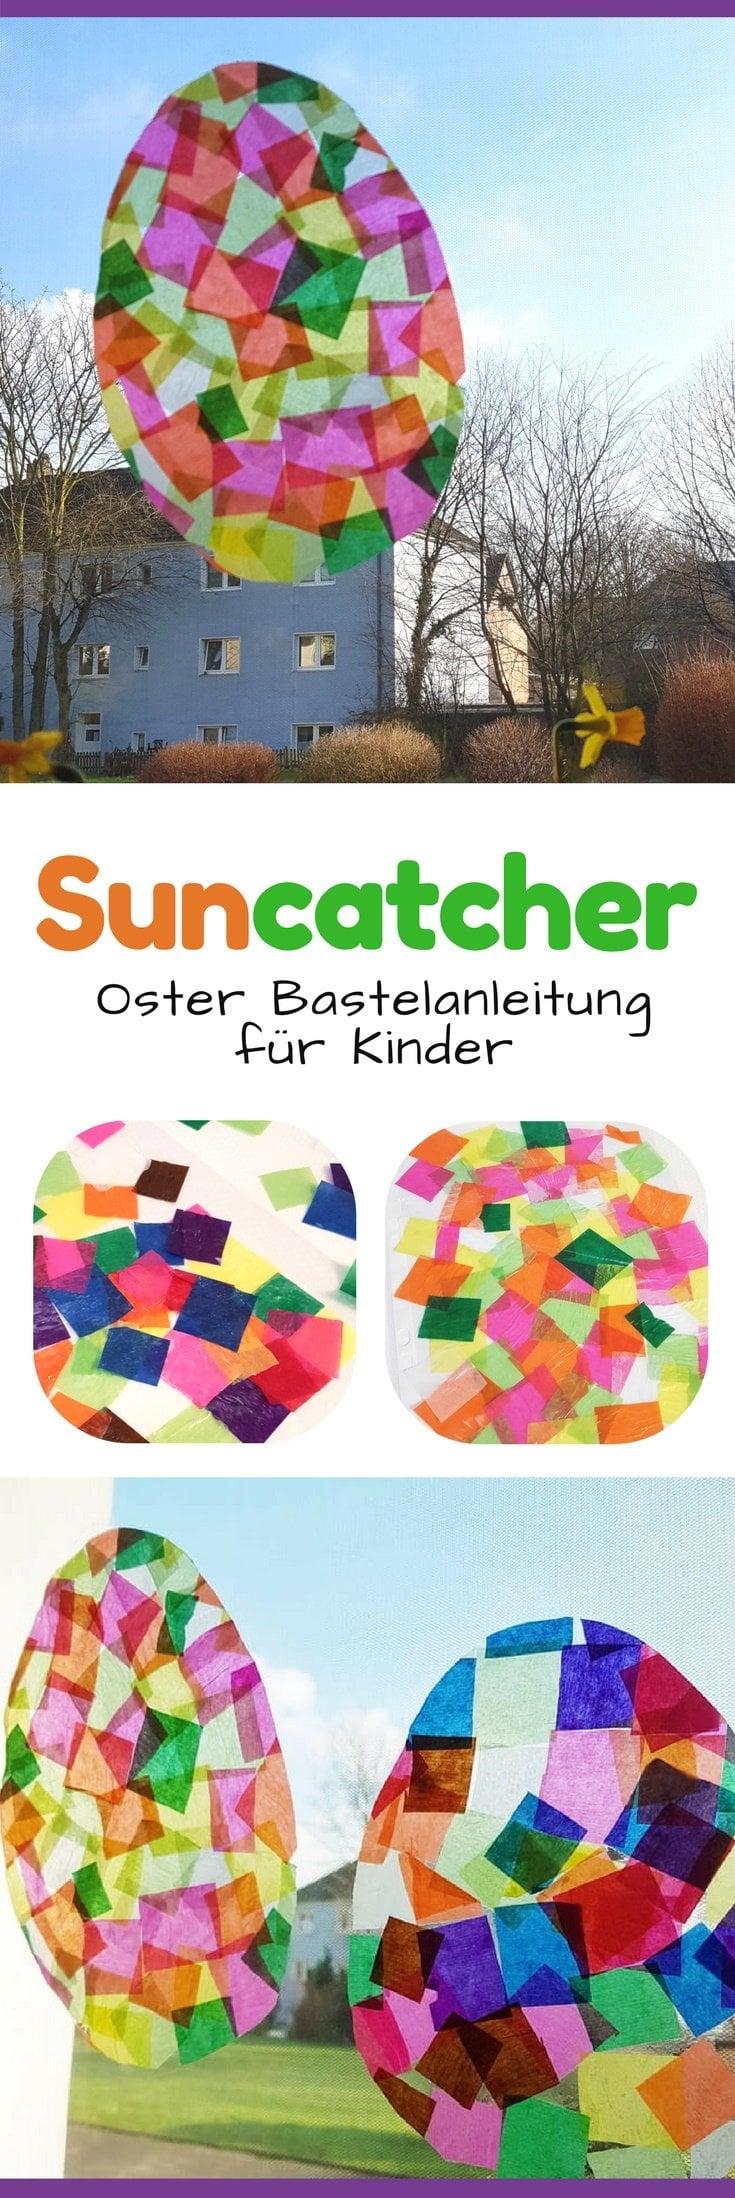 Bastelanleitung Ostereier Suncatcher Basteln Mit Kindern